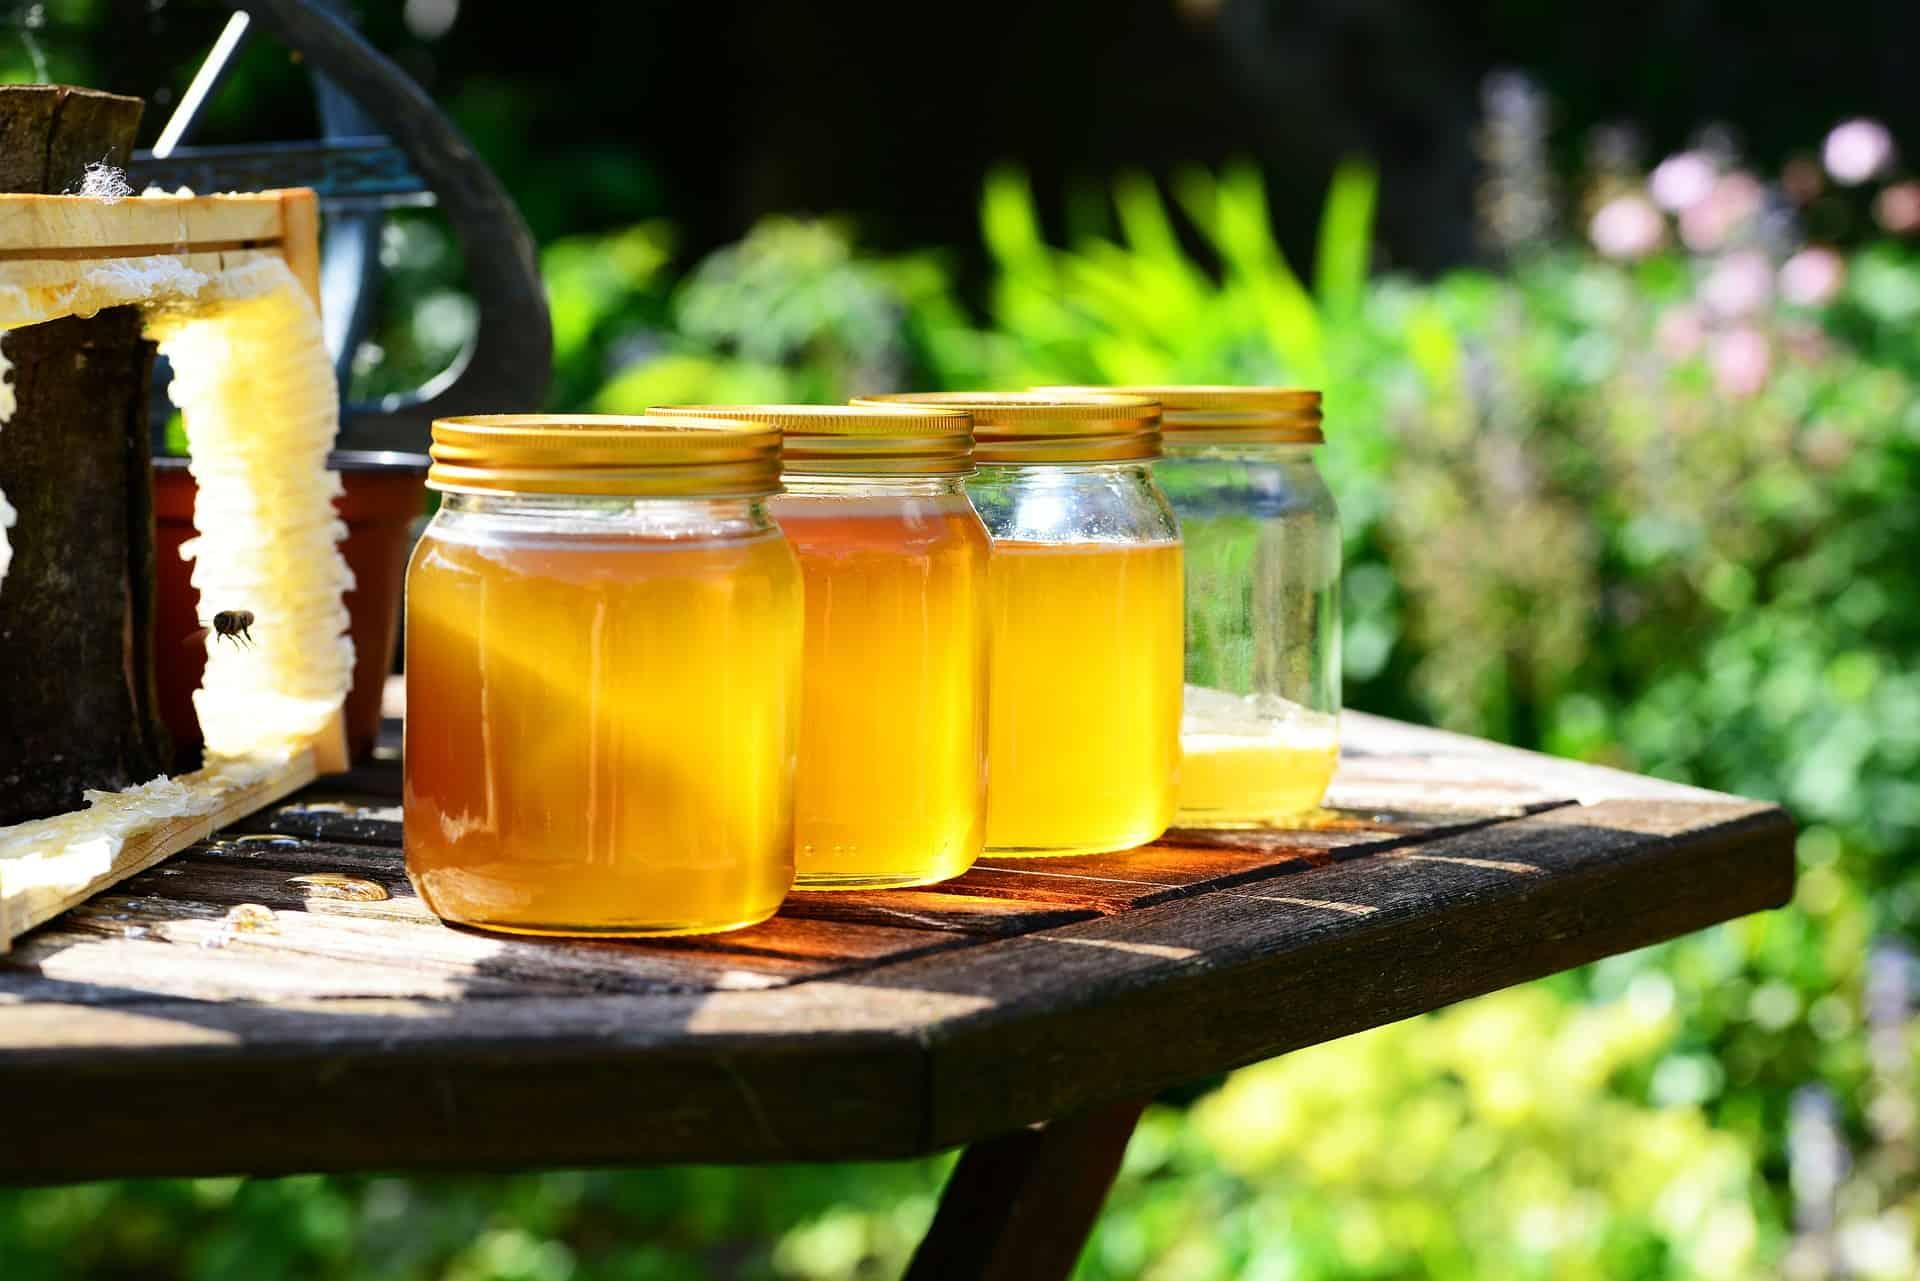 Honigschleuder